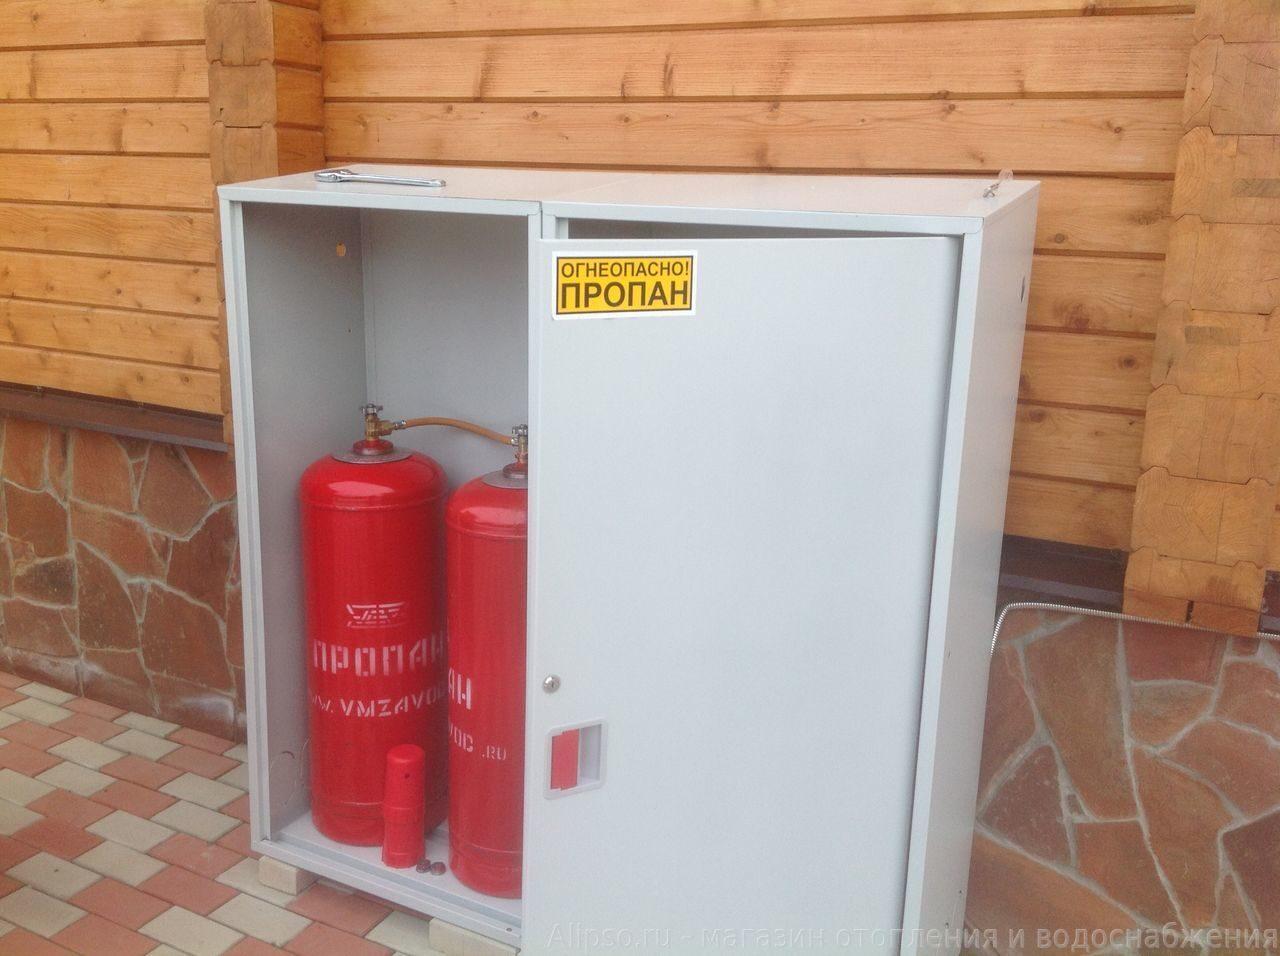 Самодельный газовый котел: делаем своими руками